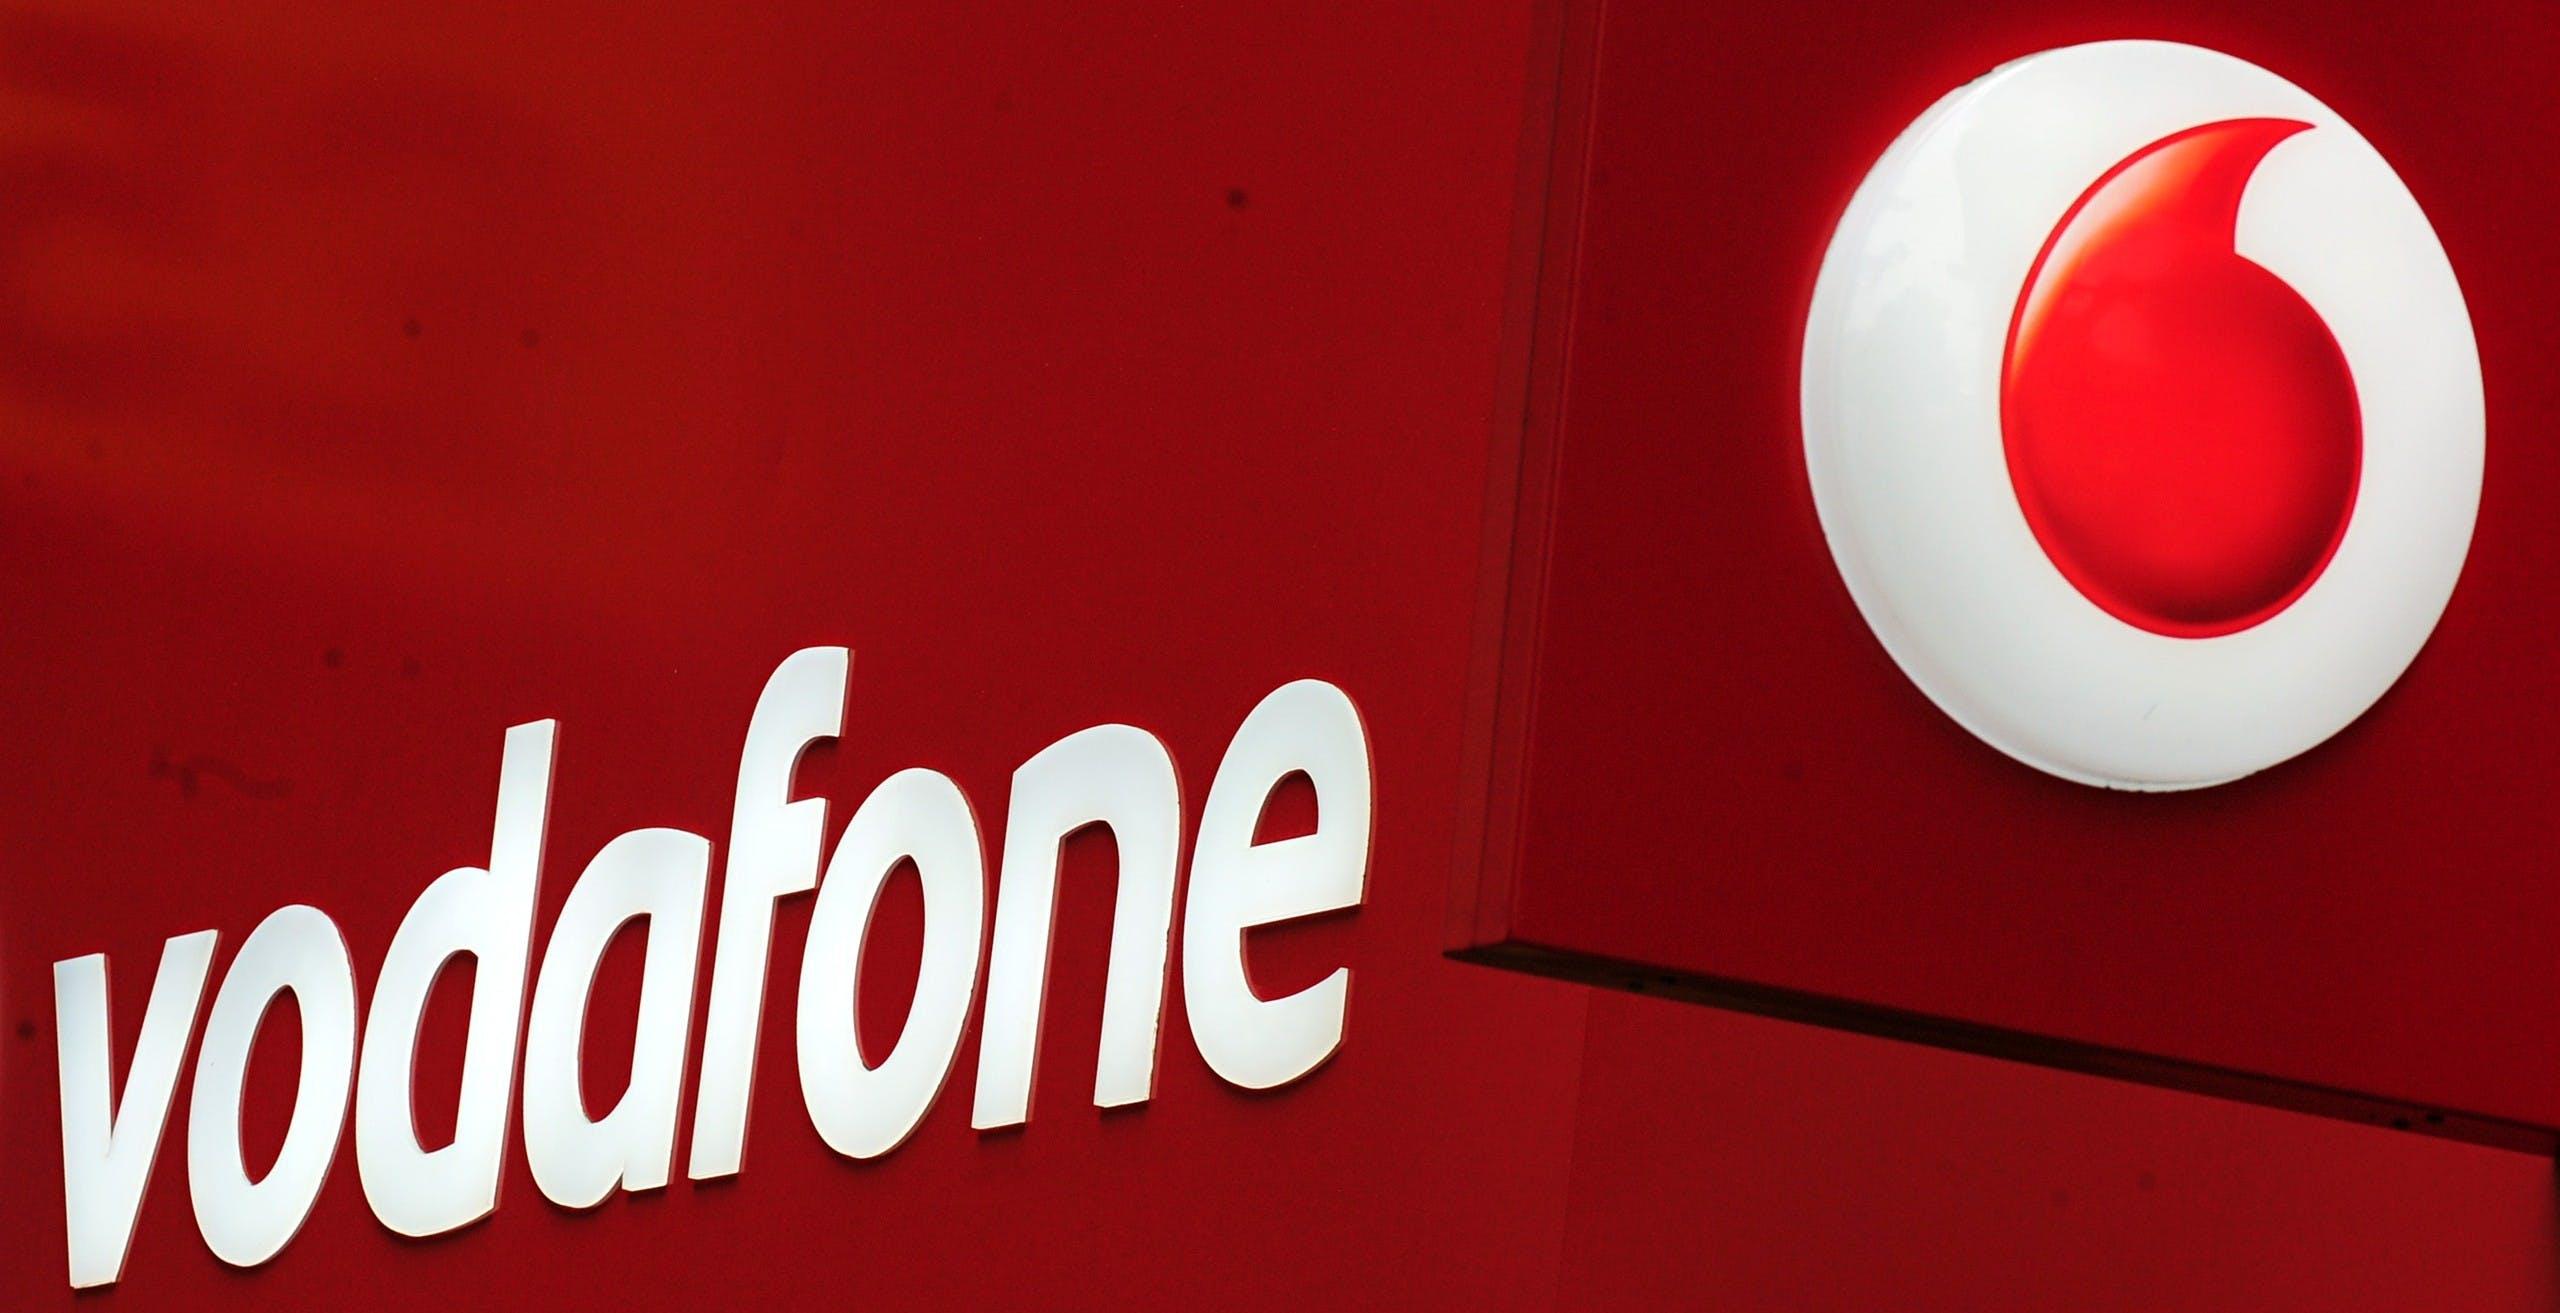 Vodafone: niente rimodulazioni nei primi 6 mesi. Il patto con AGCOM